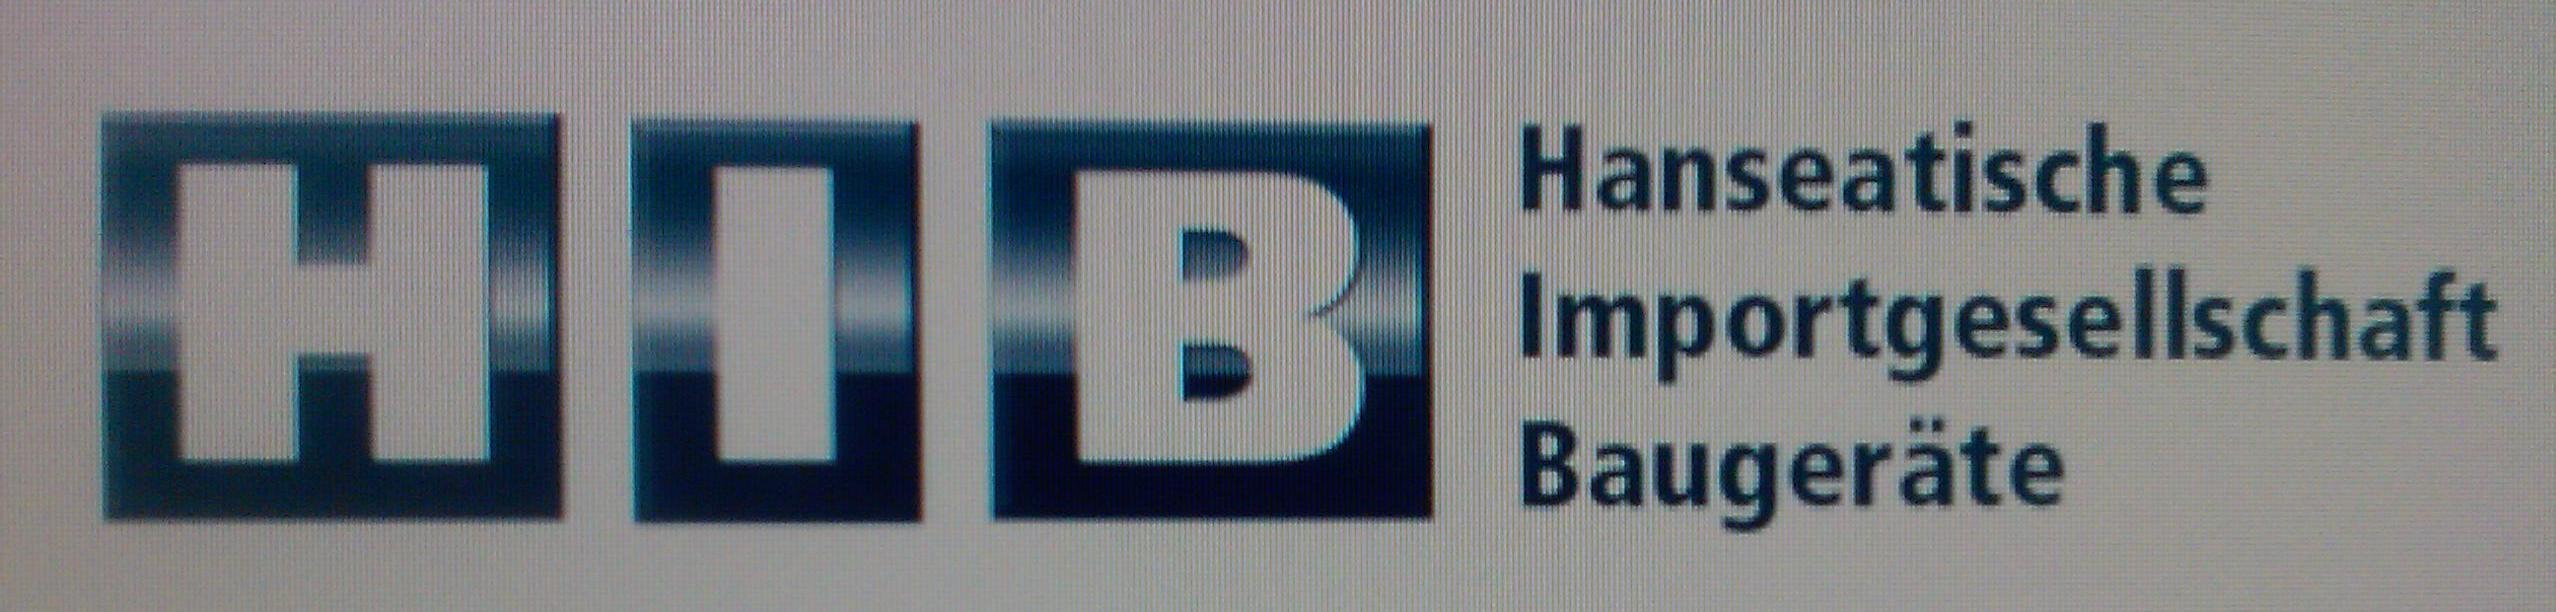 H.I.B. UG&Co Kg, ООО, Смела